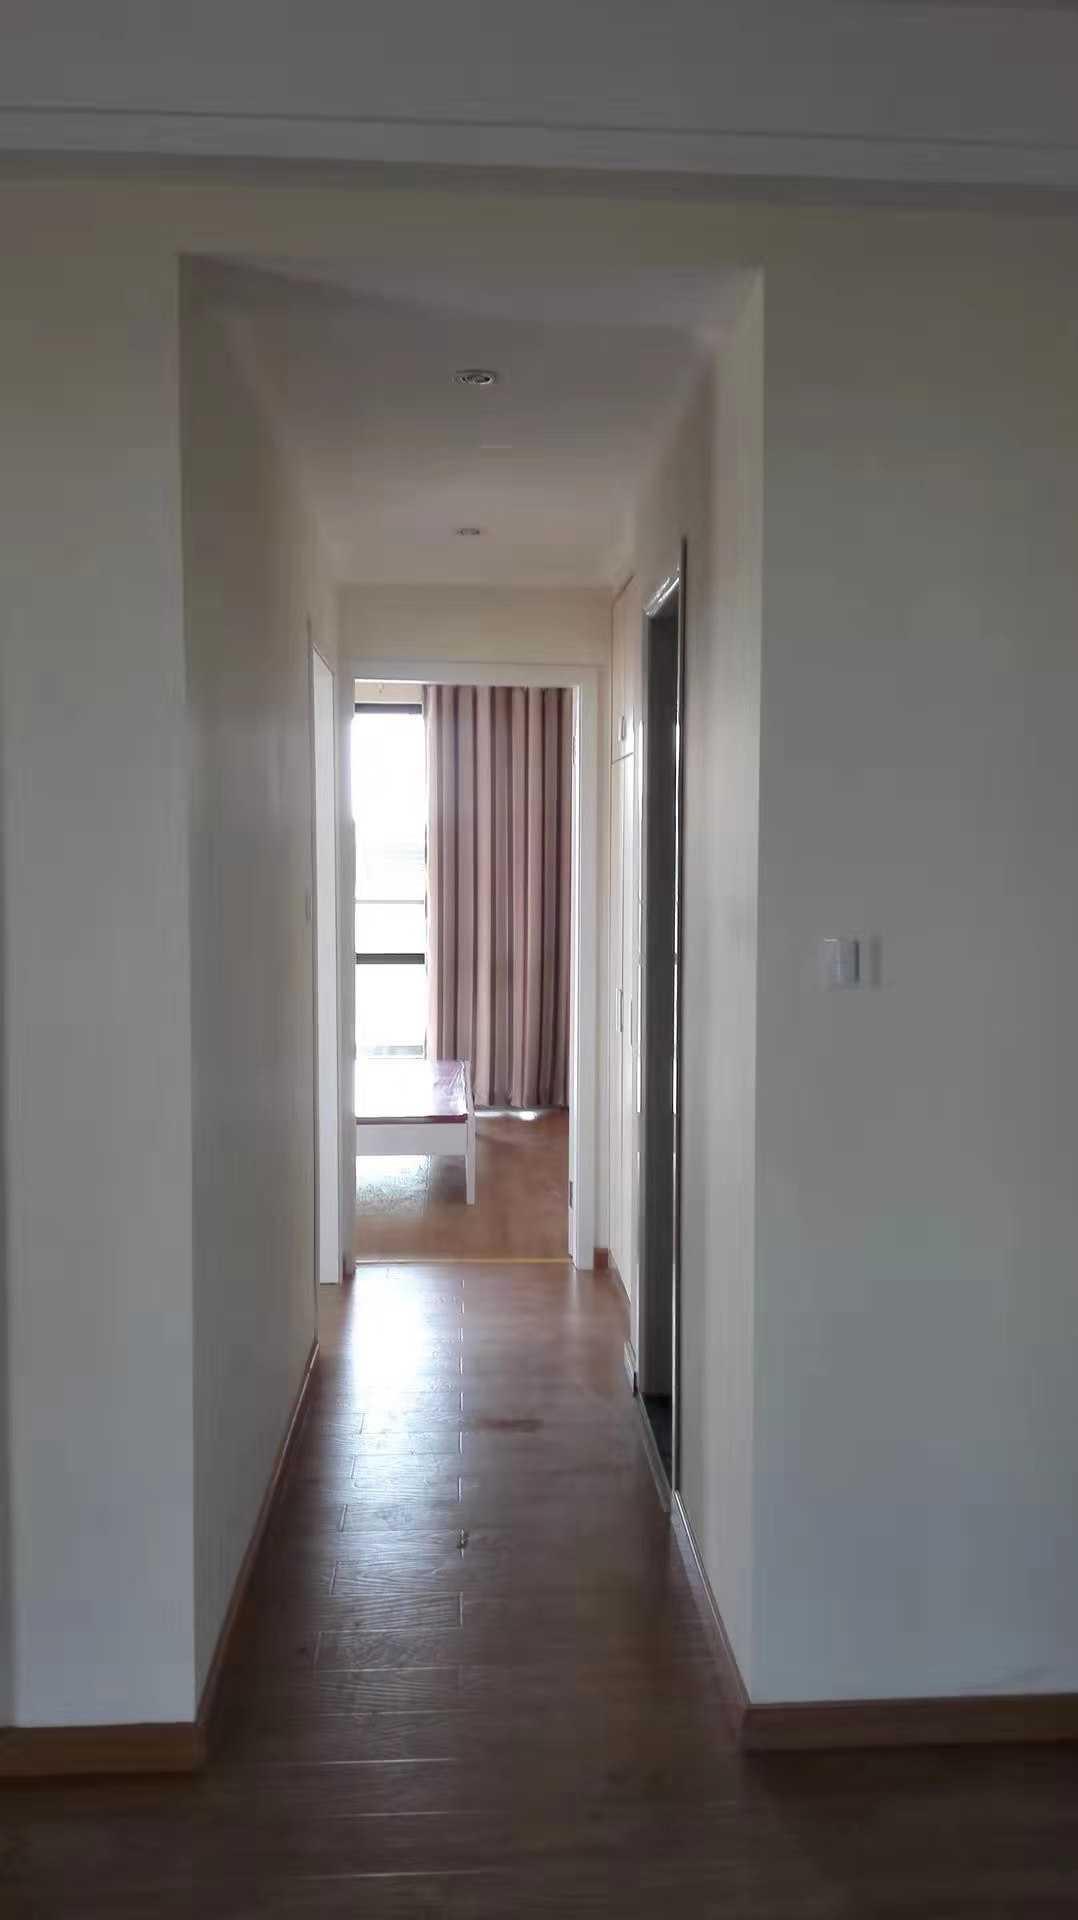 12021出售玉兰花园5/30楼  89平方,2室2厅1厨1卫  精装修,带车位车棚103万的实拍照片